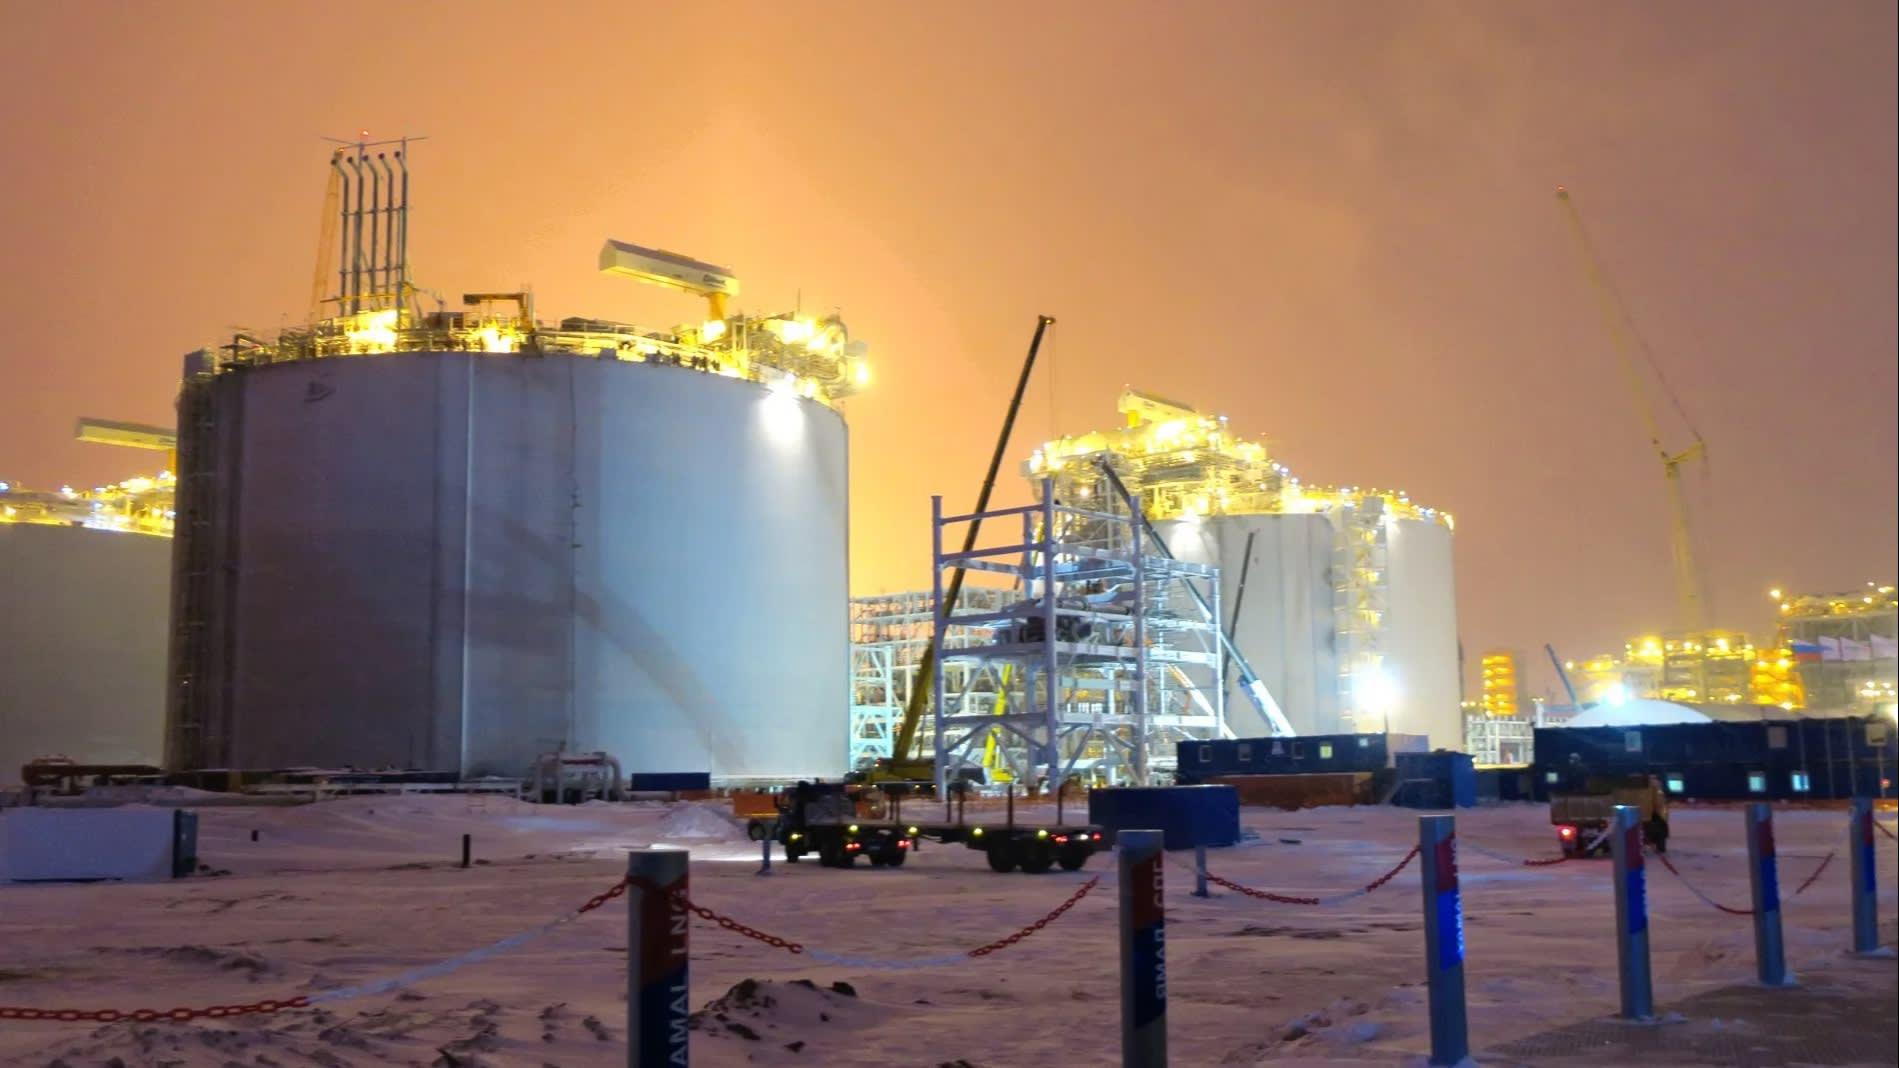 Nga sẽ tăng sản lượng khí LNG lên 120 triệu tấn vào năm 2035